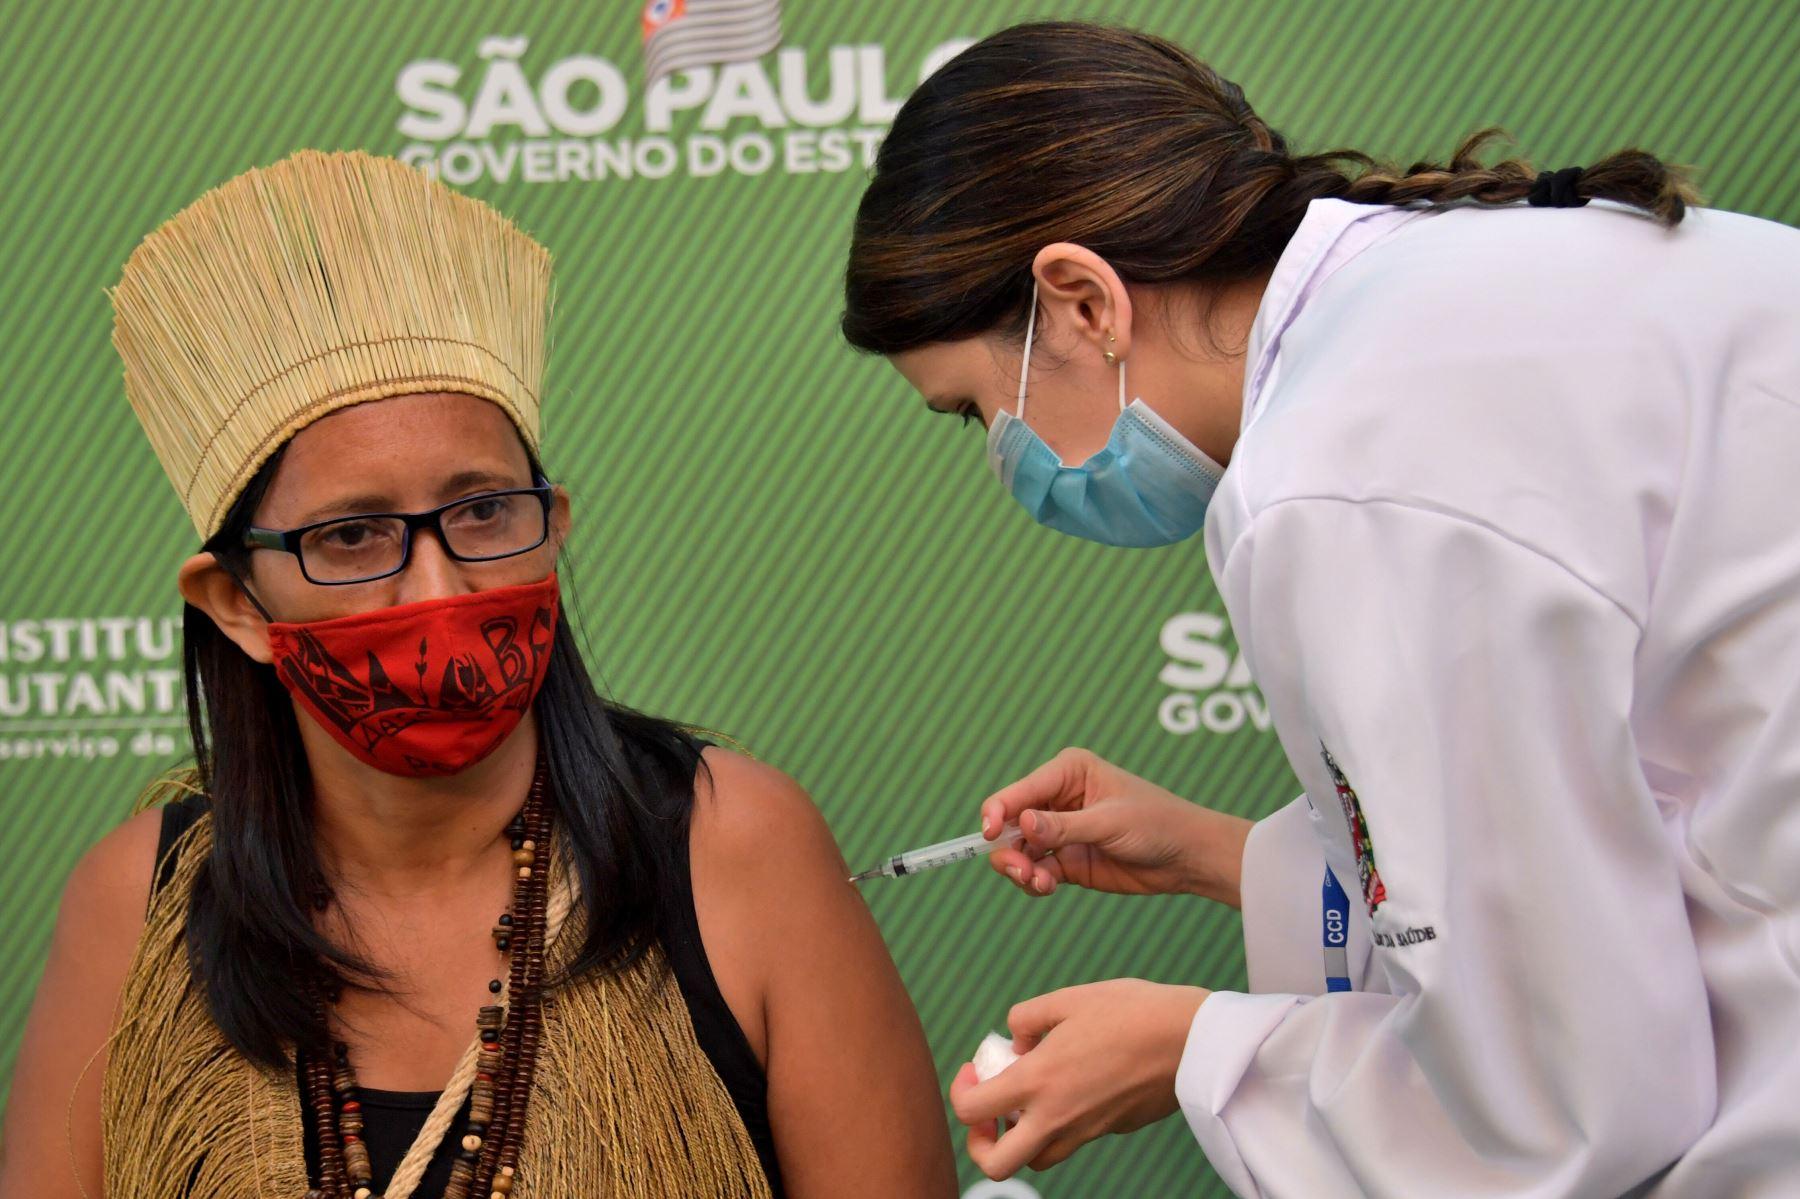 El indígena Kaimbe Vanusa Costa Santos es inoculado con la vacuna Coronavac Sinovac Biotech, contra el covid-19; en el hospital de Clínicas en Sao Paul Brasil.Foto: AFP